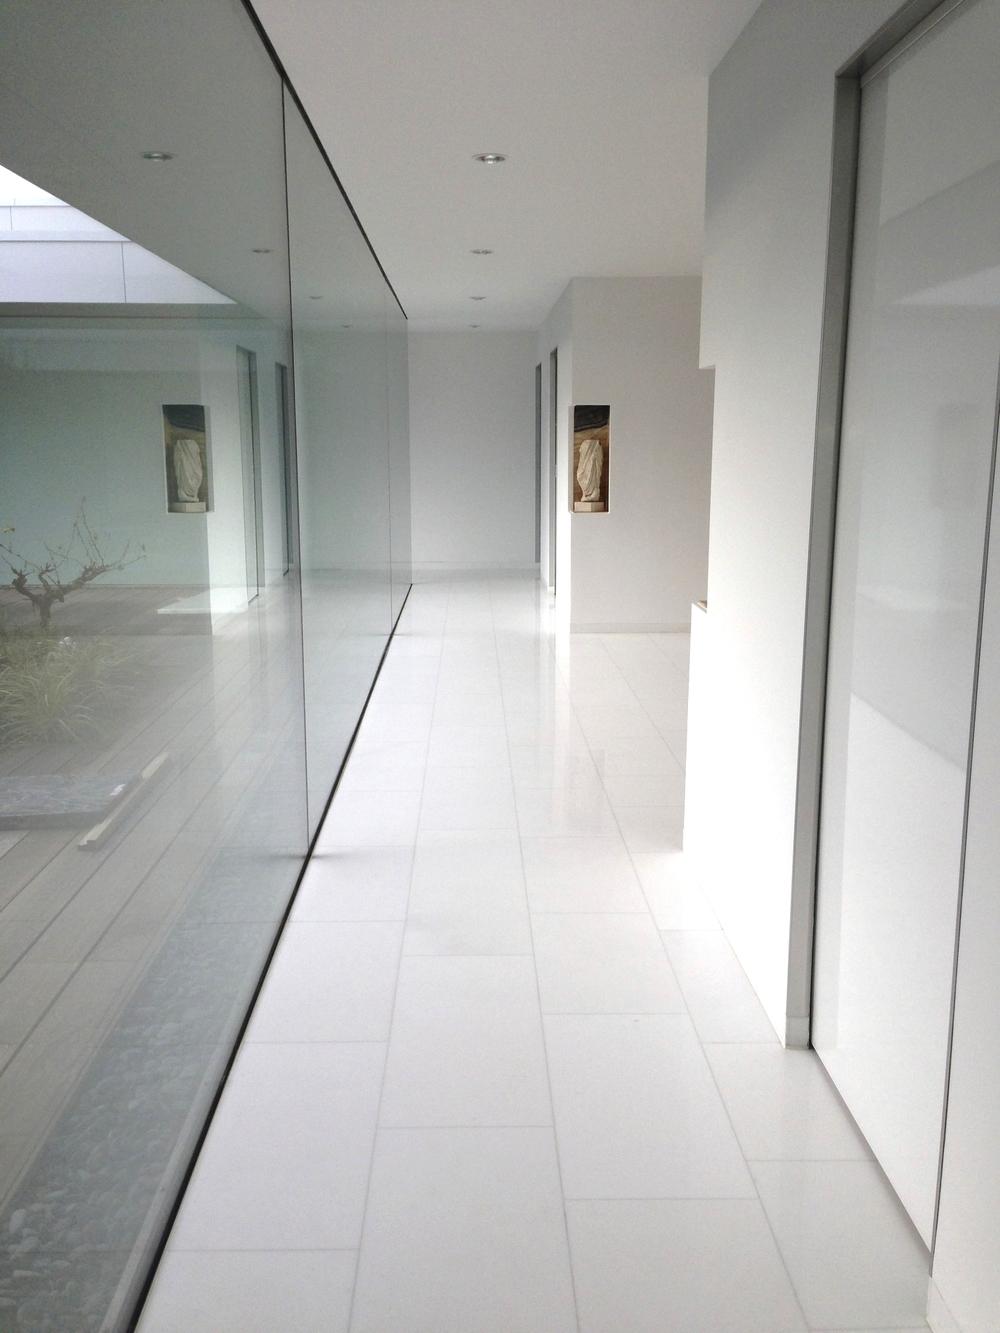 Thassos marmer vloertegels in particuliere villa